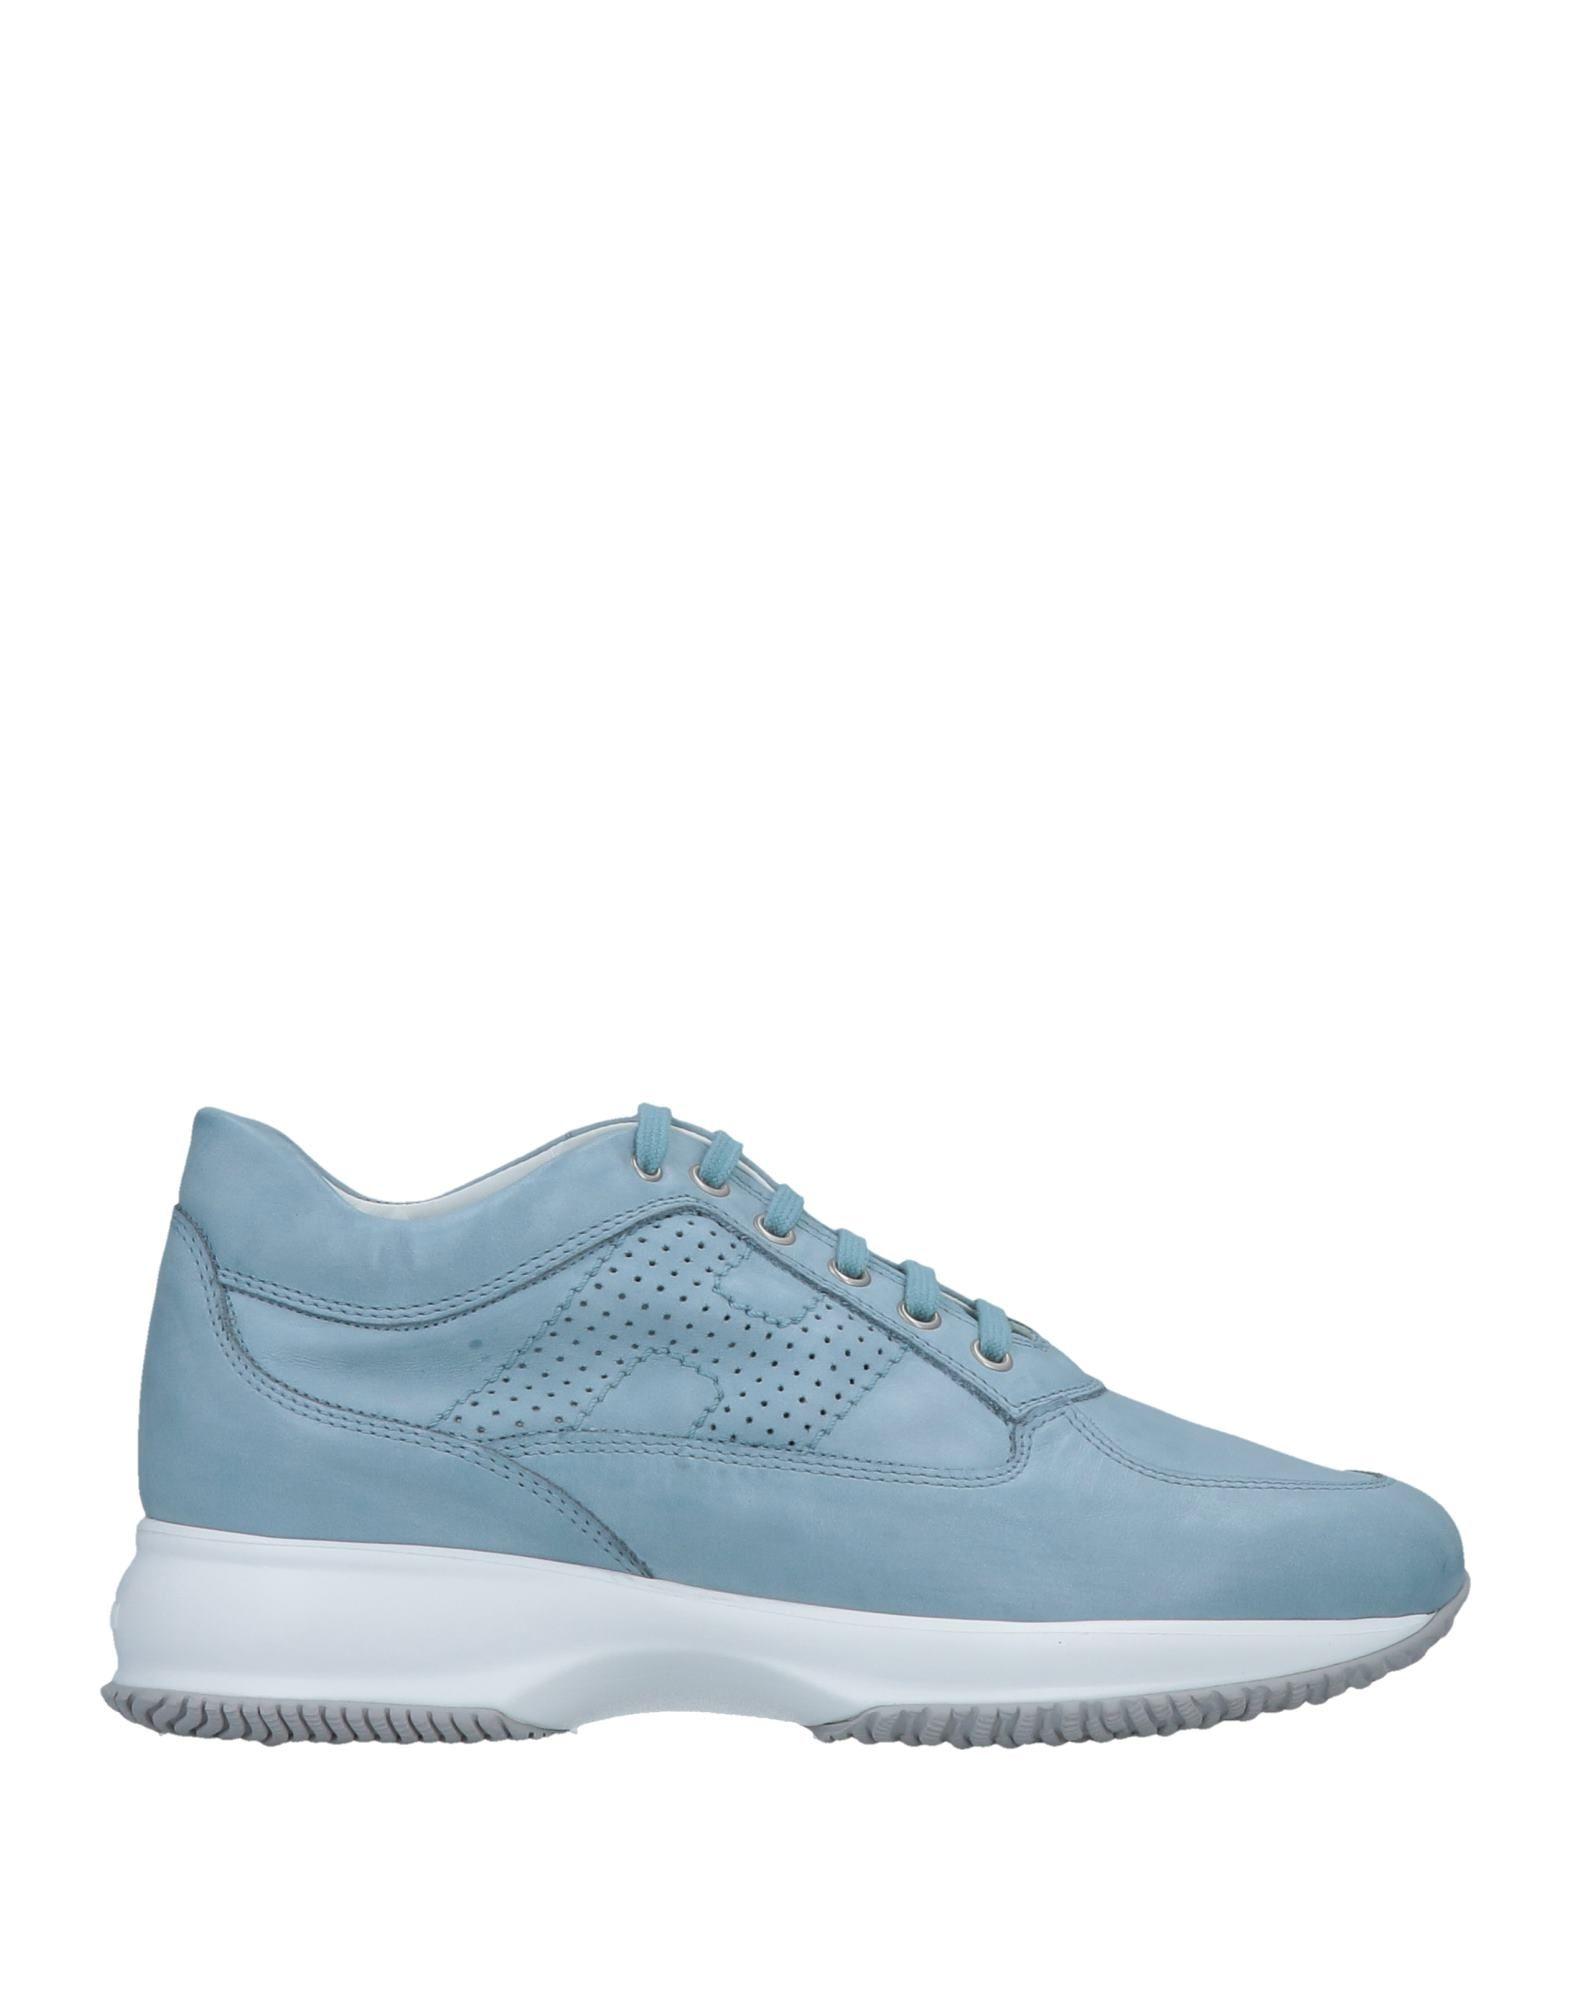 Los zapatos más Hogan populares para hombres y mujeres Zapatillas Hogan más Mujer - Zapatillas Hogan  Azul celeste 60d172